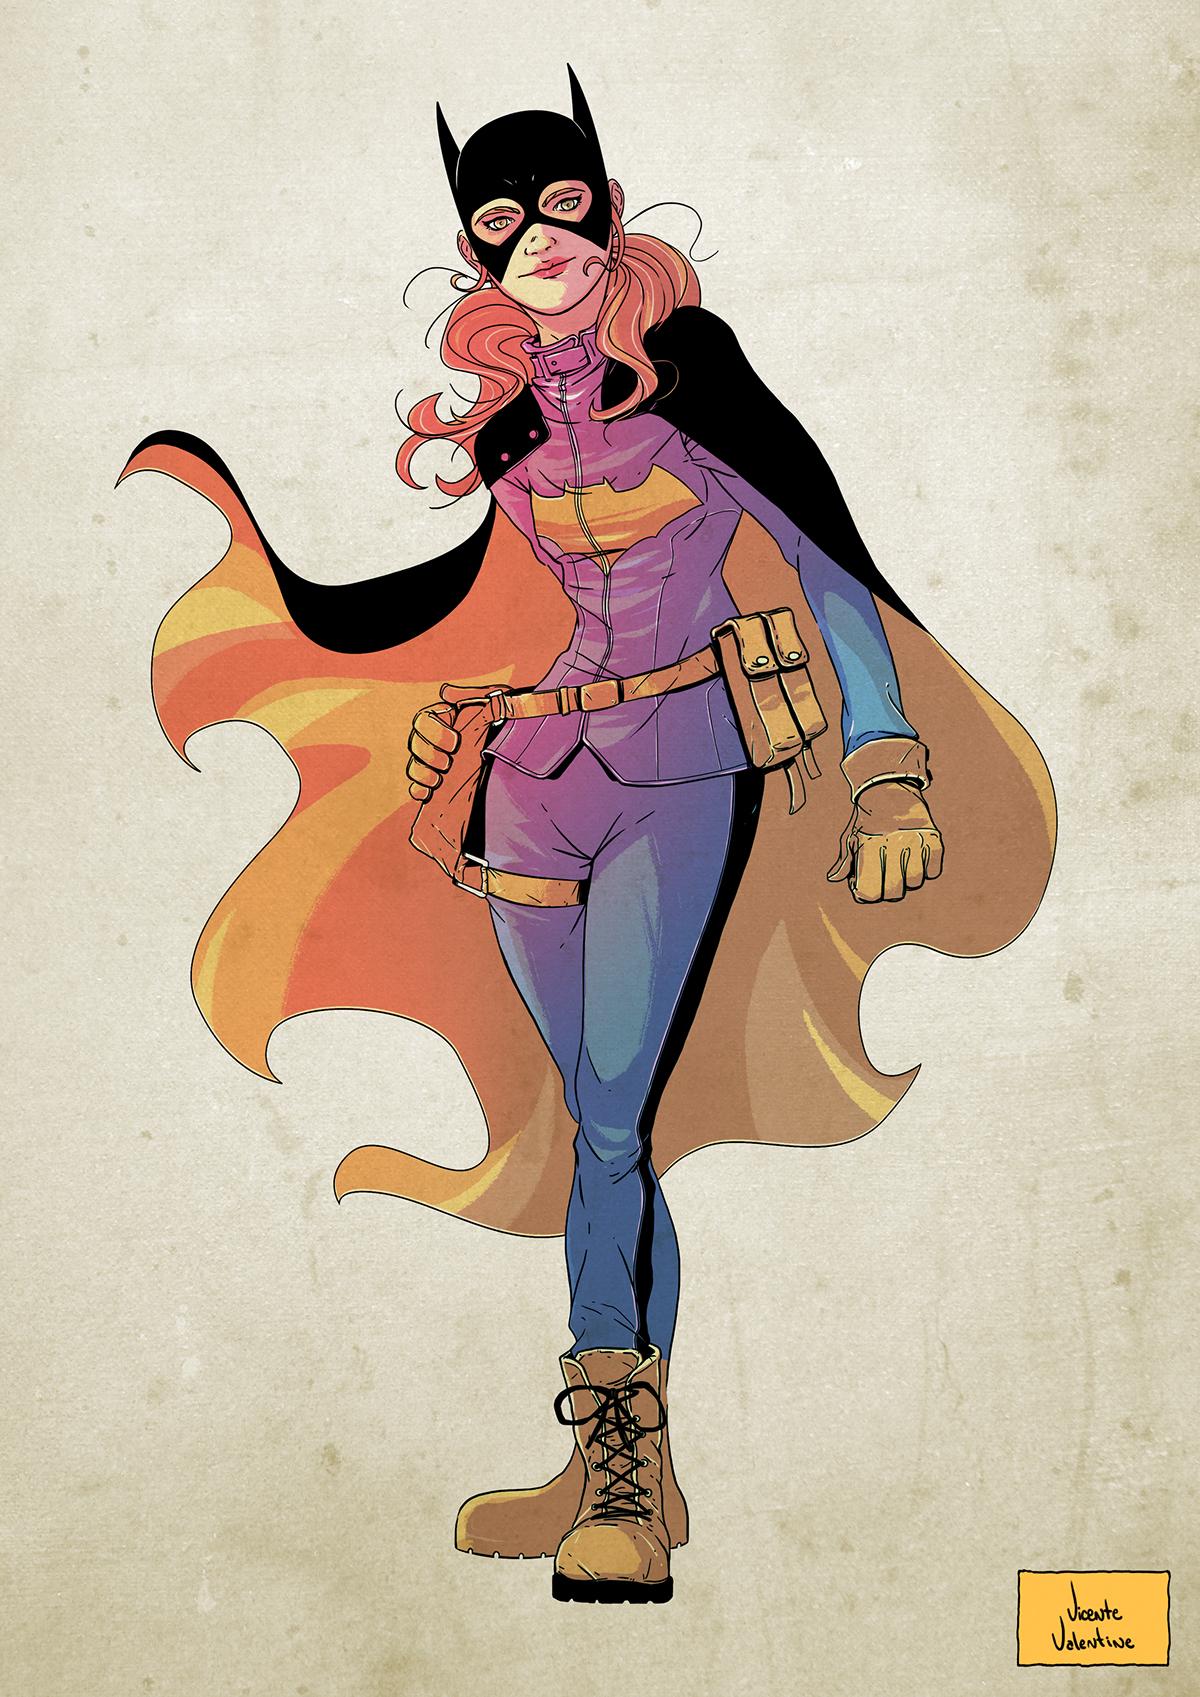 [Fan Art] Nightwing and Batgirl (by Steel Scarlet